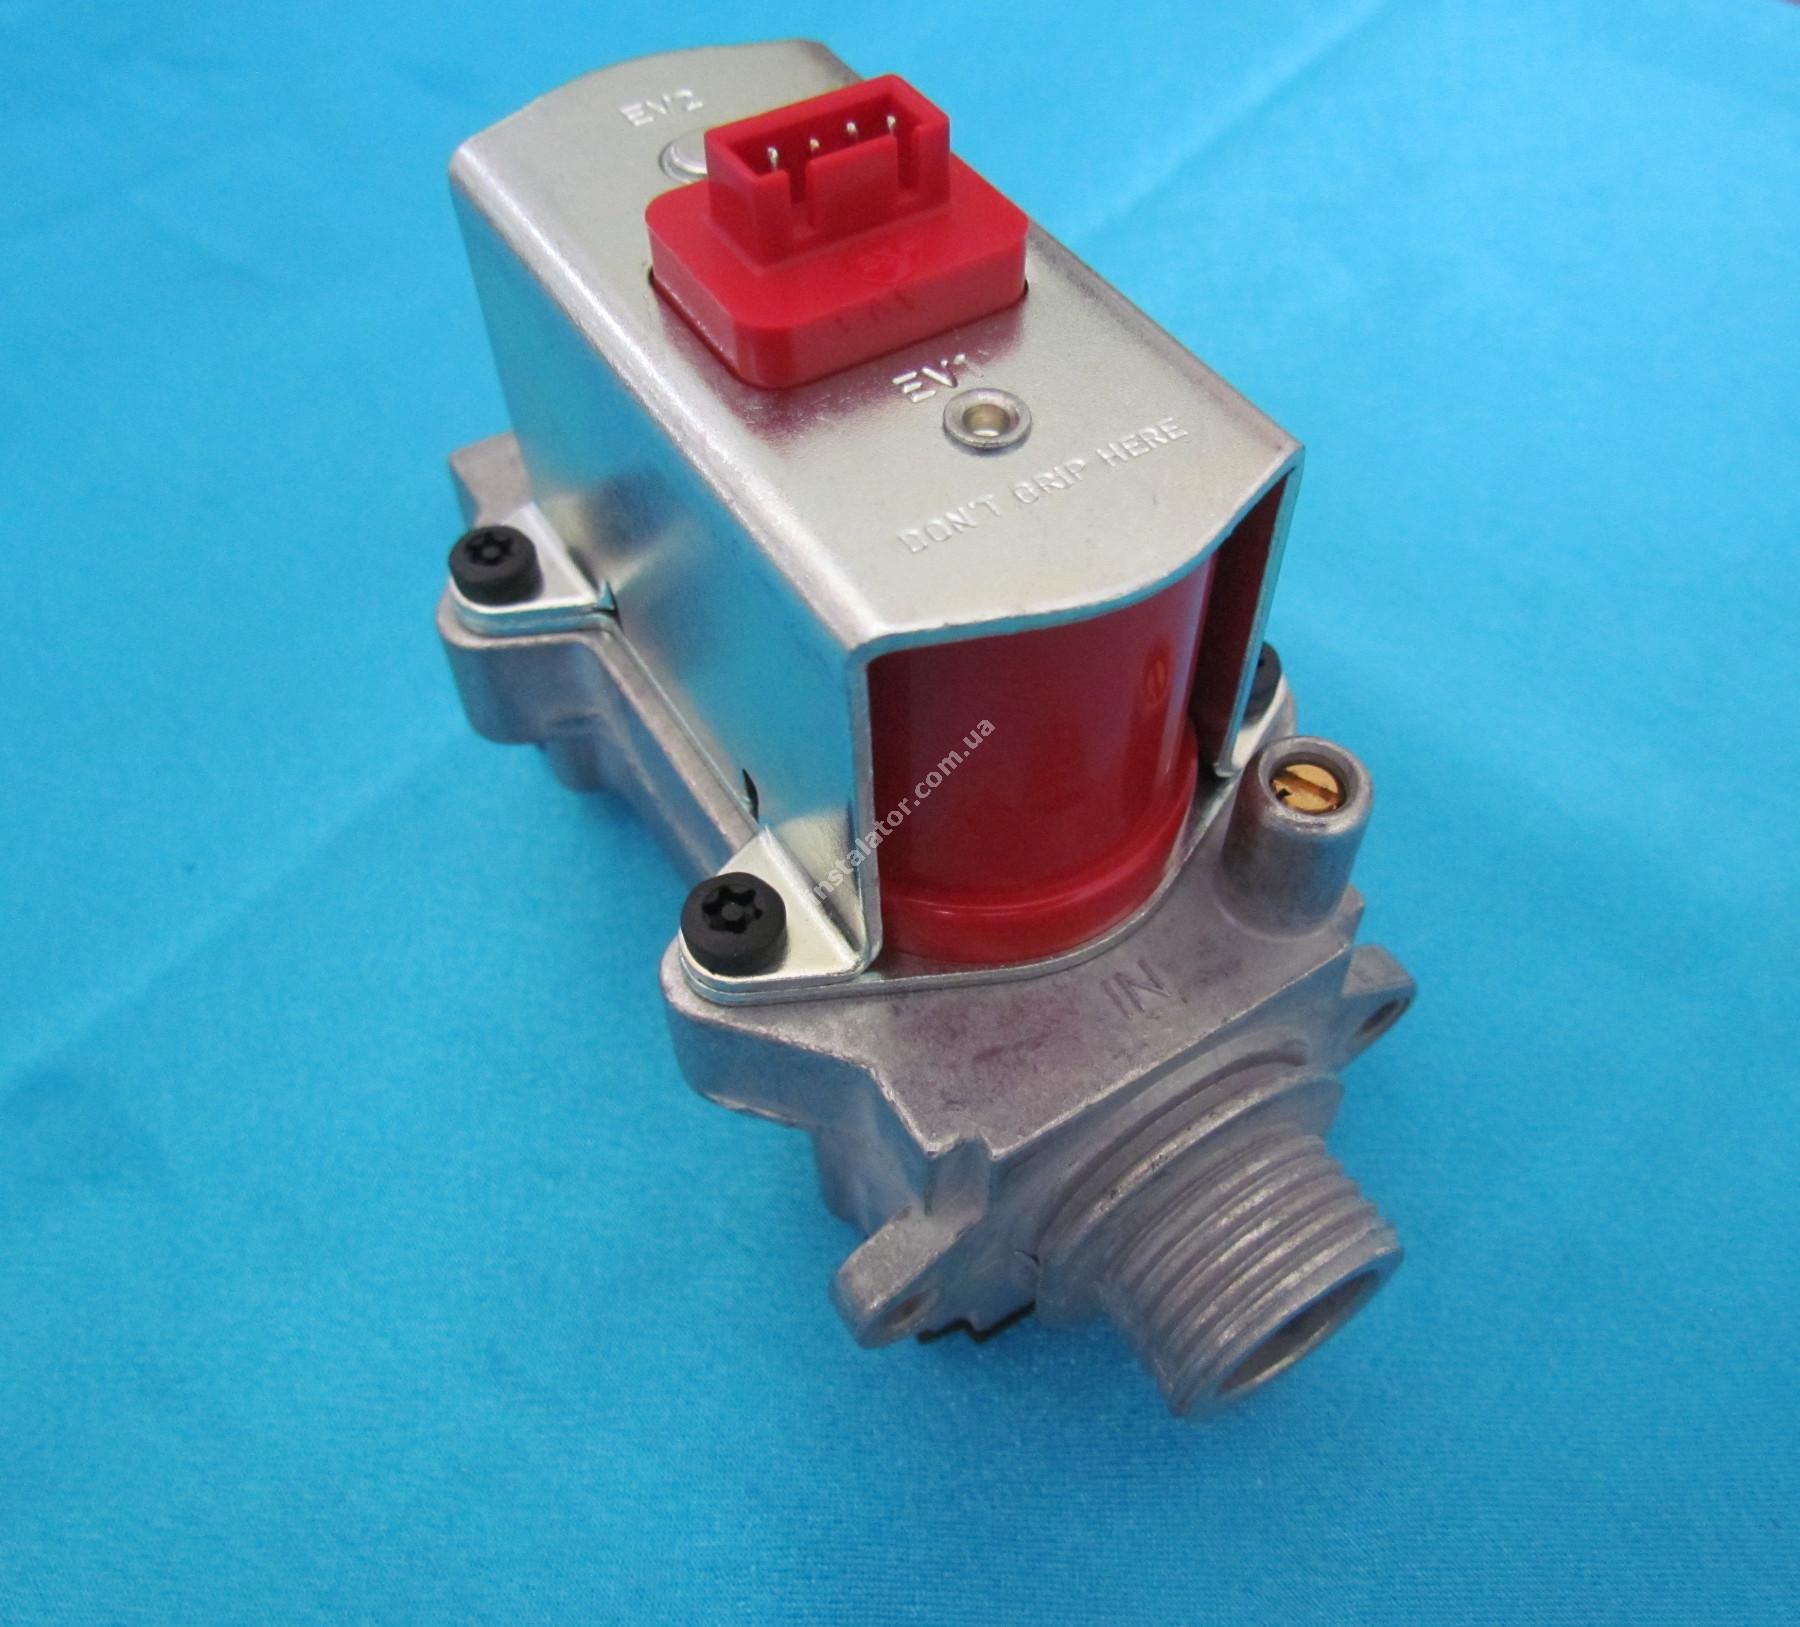 39841320 Газовий клапан Ferroli Domiproject D, Domitech D, FerEasy D 24-32 кВт. full-image-2